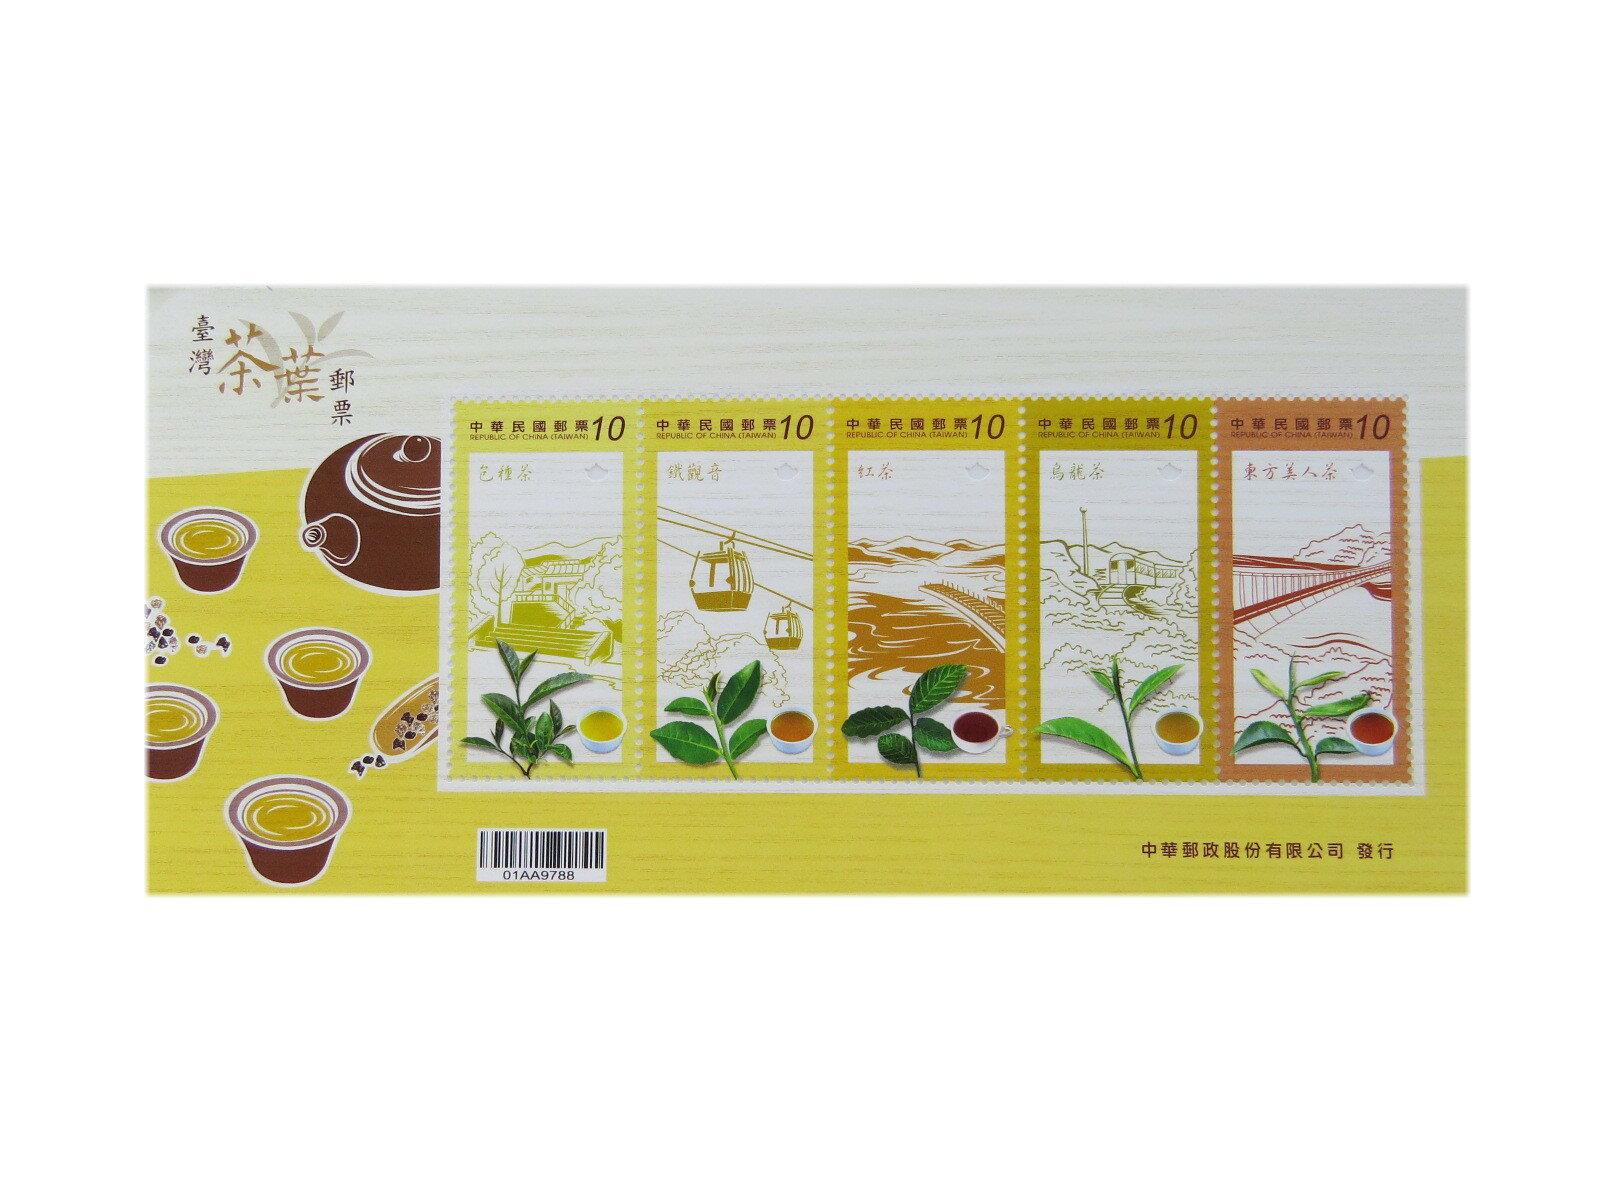 全国送料無料!台湾お土産 台湾切手 台湾茶葉5種